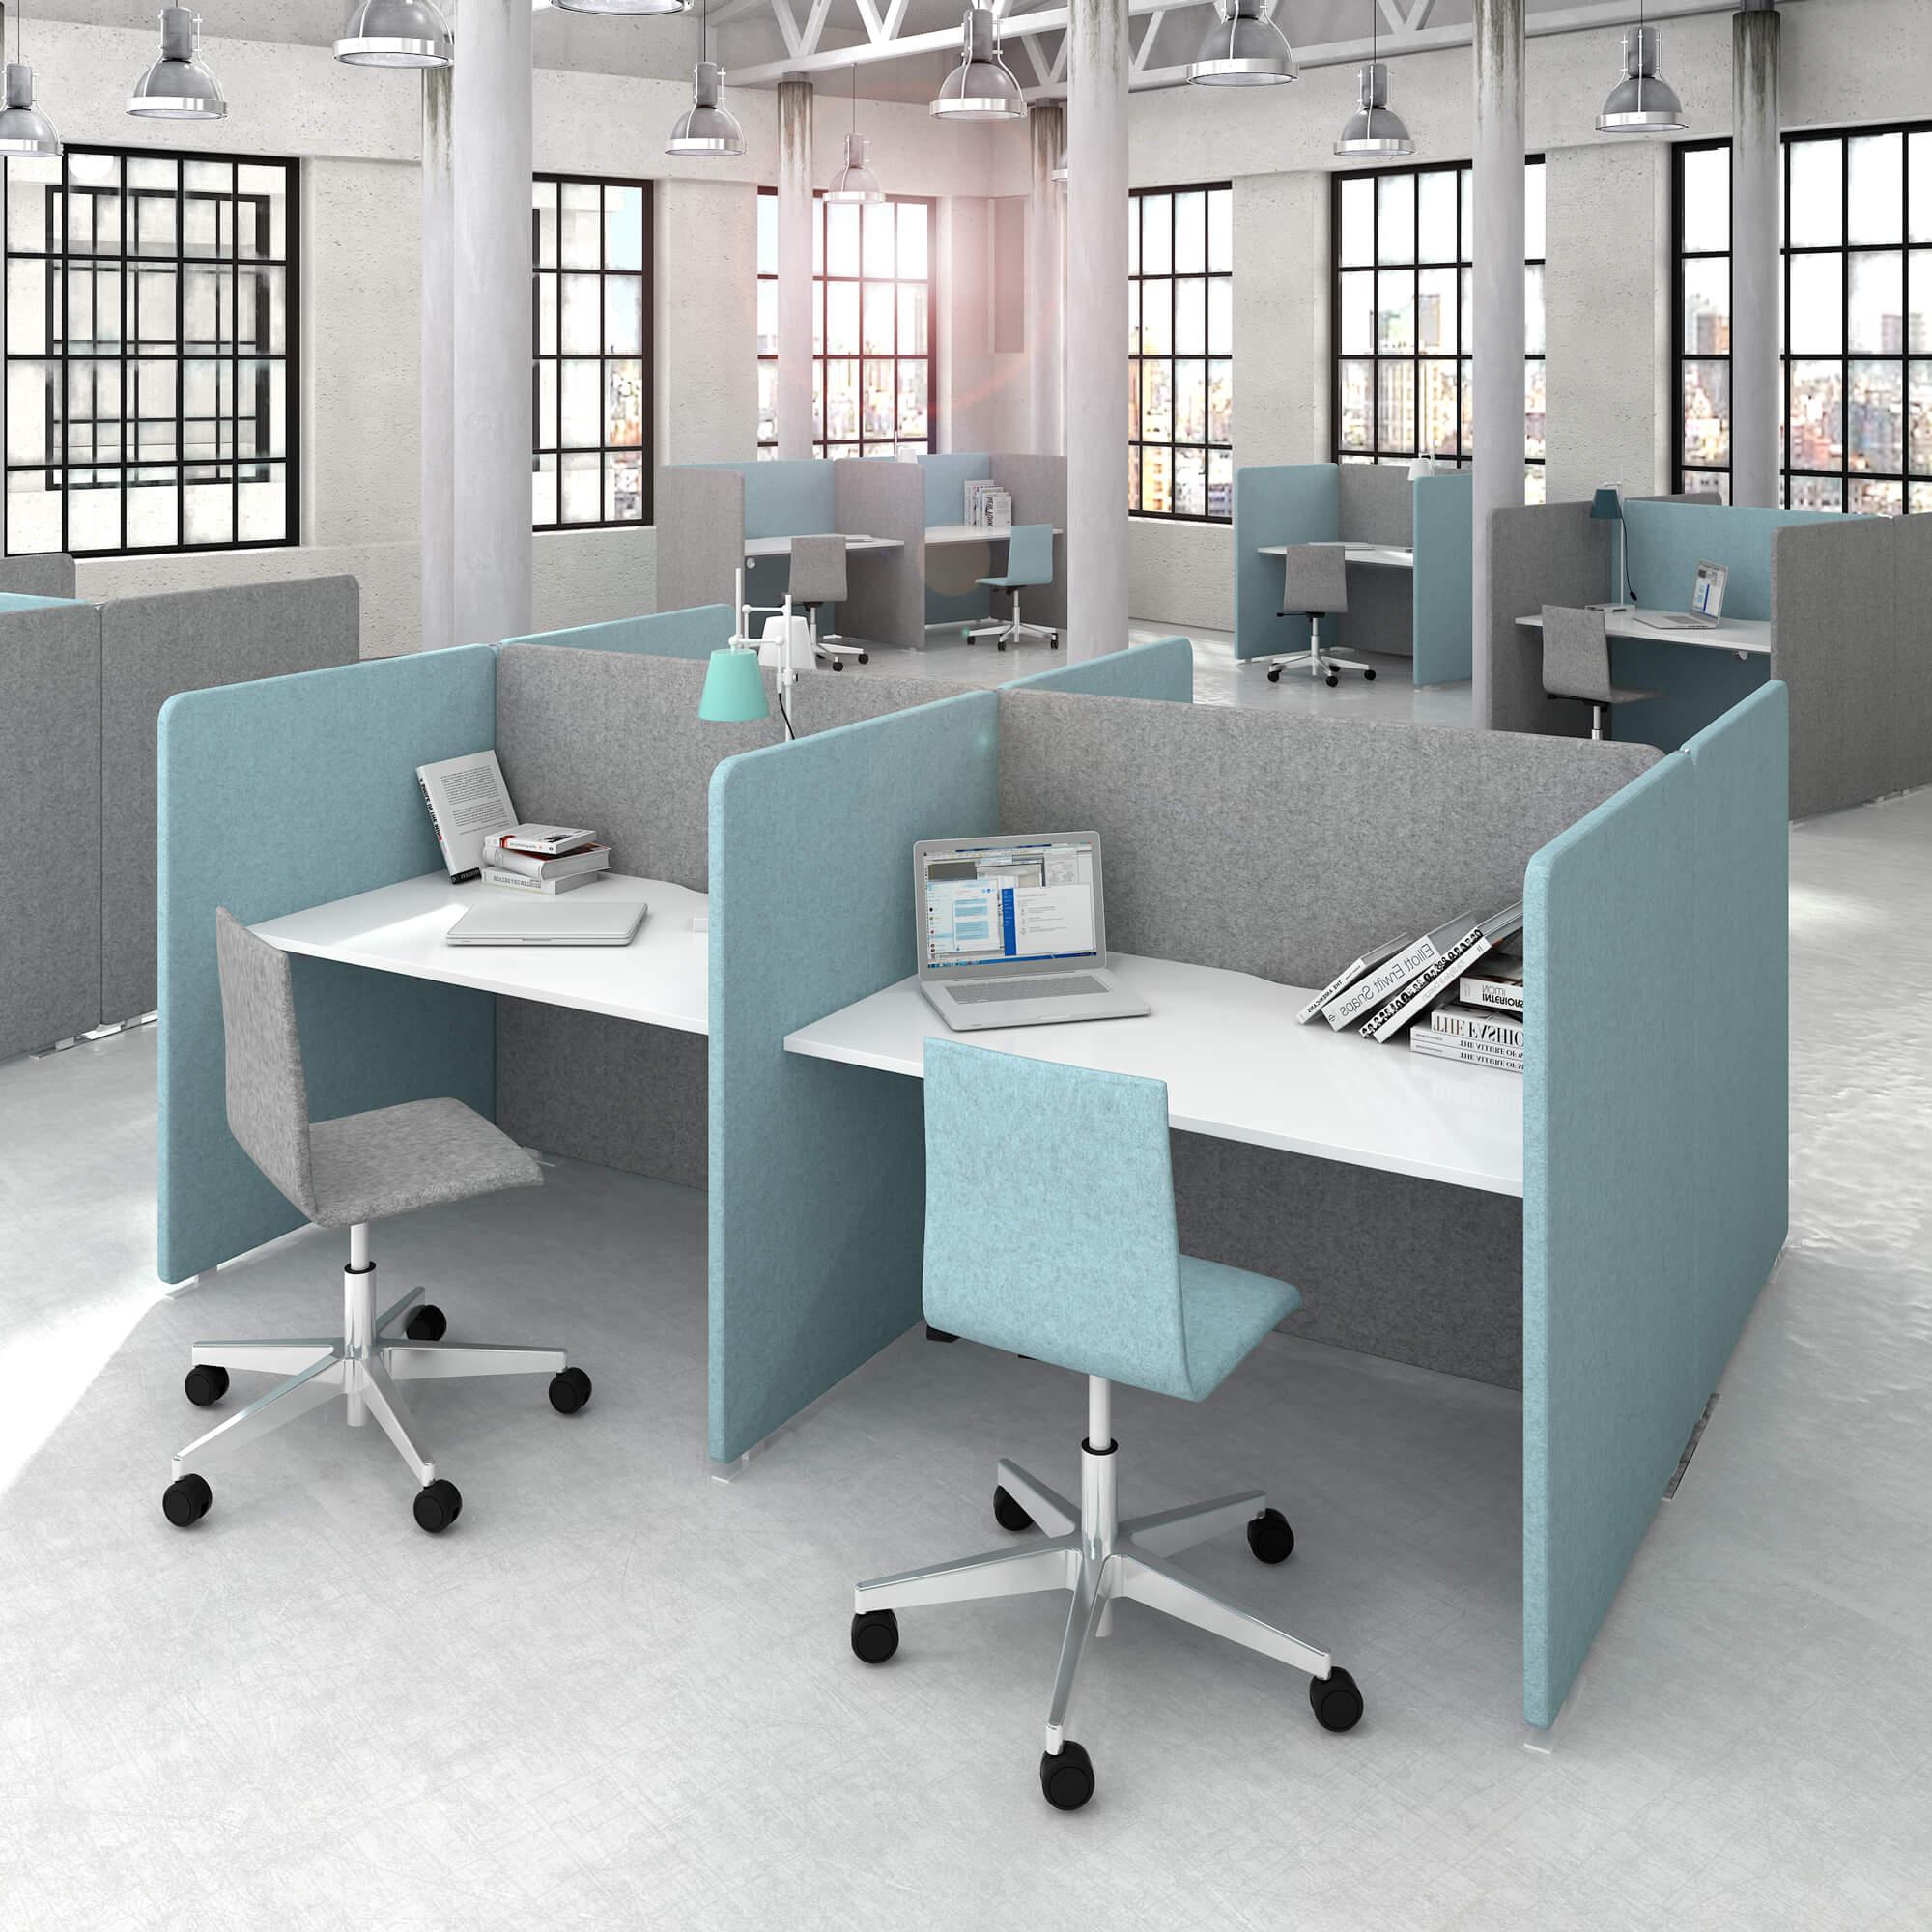 Bürodrehstuhl MOON mit Wollbezug Bürostuhl - Drehstuhl - Stuhl